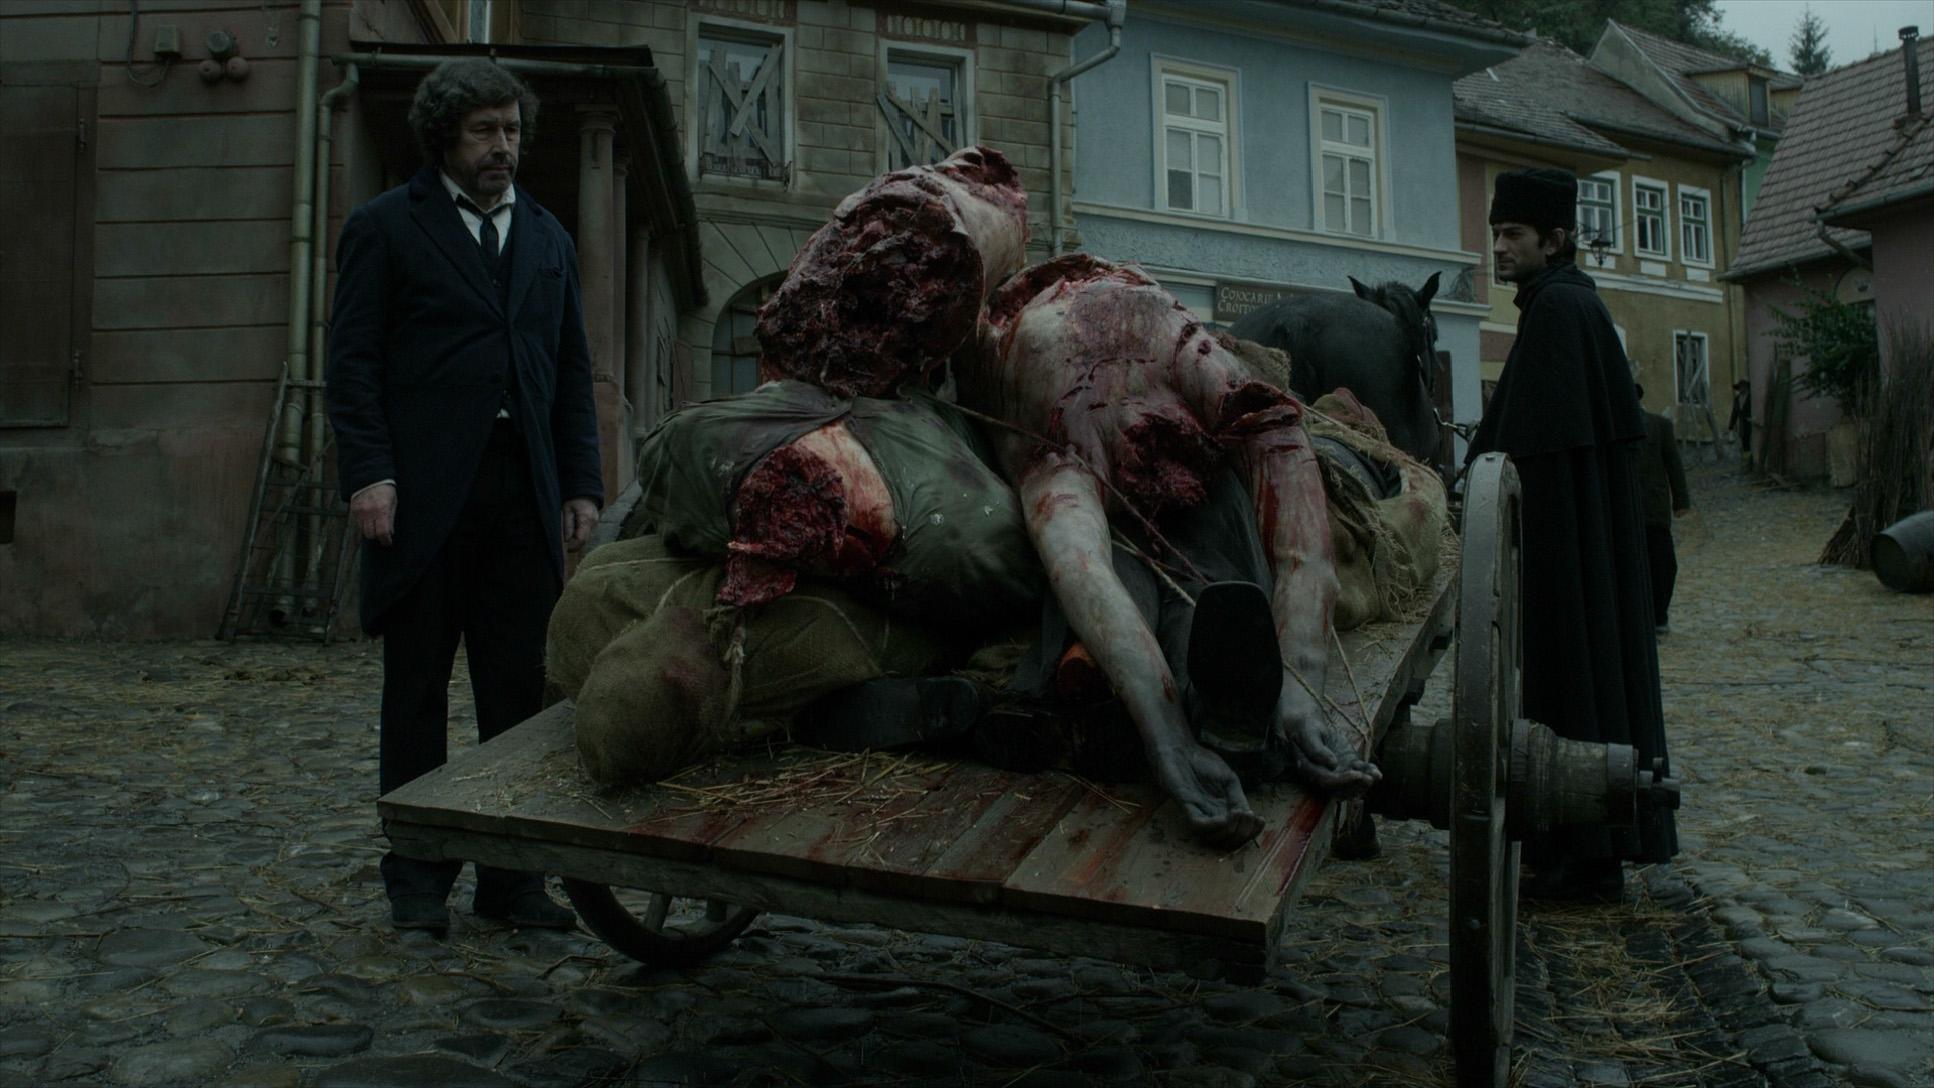 wolfman dead bodies lots cart